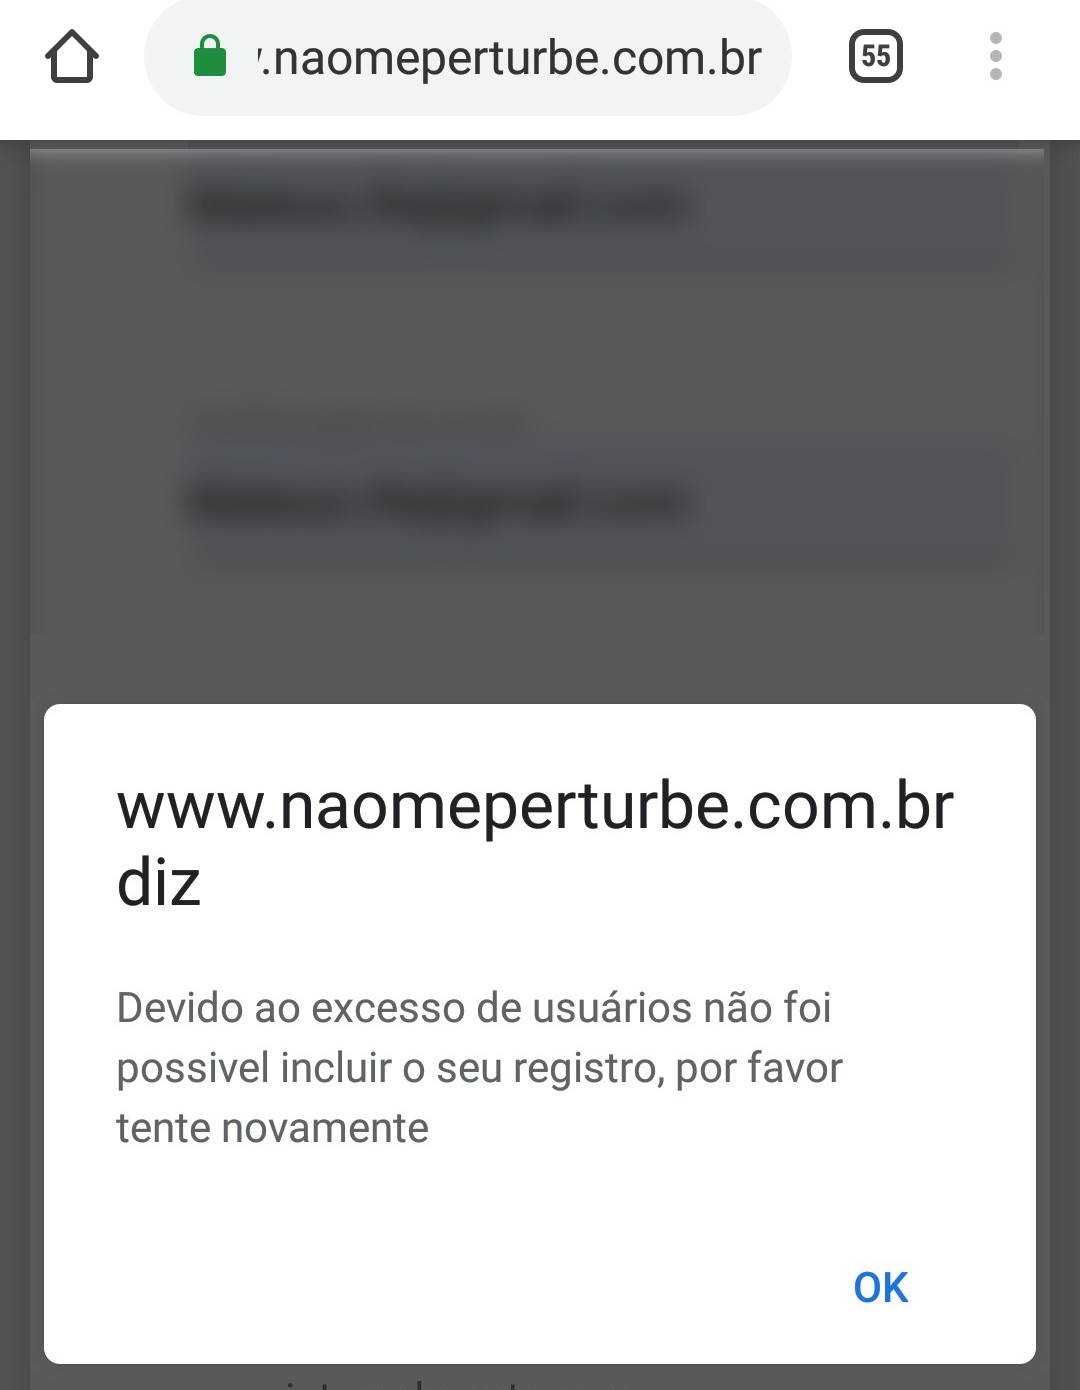 Anatel registra 620 mil cadastros em site que permite bloqueio de ligações de telemarketing - Notícias - Plantão Diário